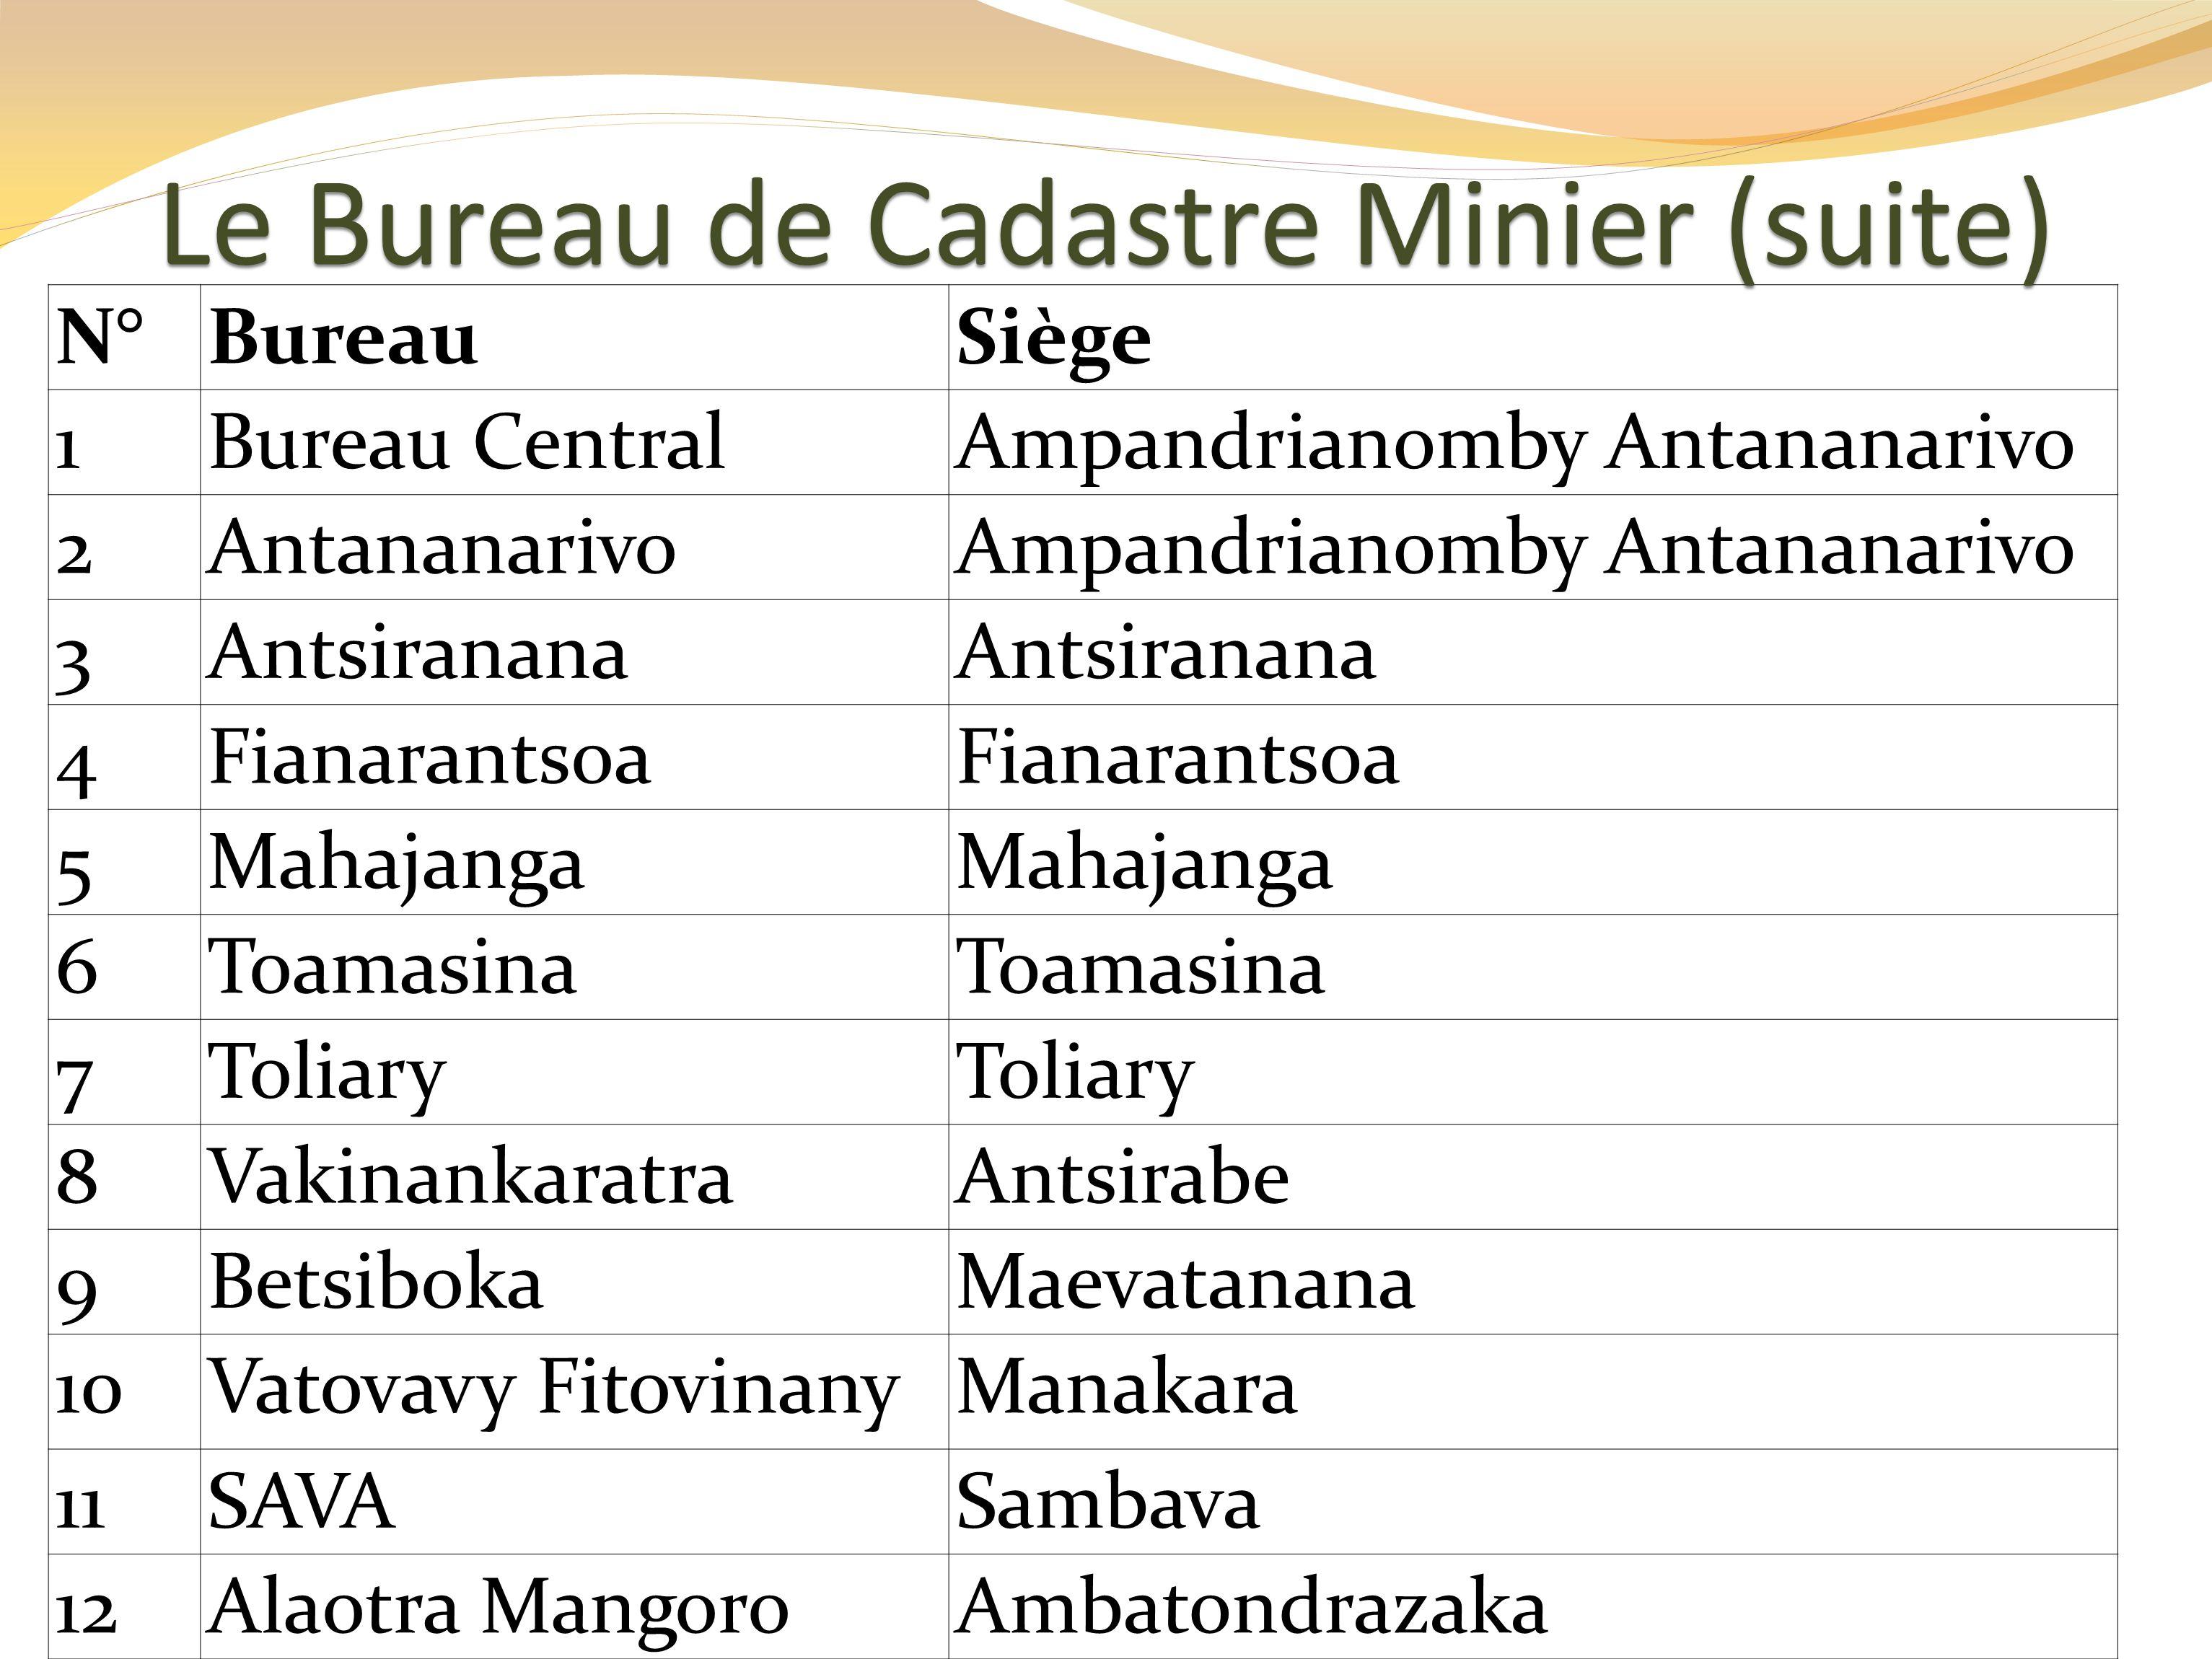 N°BureauSiège 1Bureau CentralAmpandrianomby Antananarivo 2AntananarivoAmpandrianomby Antananarivo 3Antsiranana 4Fianarantsoa 5Mahajanga 6Toamasina 7Toliary 8VakinankaratraAntsirabe 9BetsibokaMaevatanana 10Vatovavy FitovinanyManakara 11SAVASambava 12Alaotra MangoroAmbatondrazaka Le Bureau de Cadastre Minier (suite)